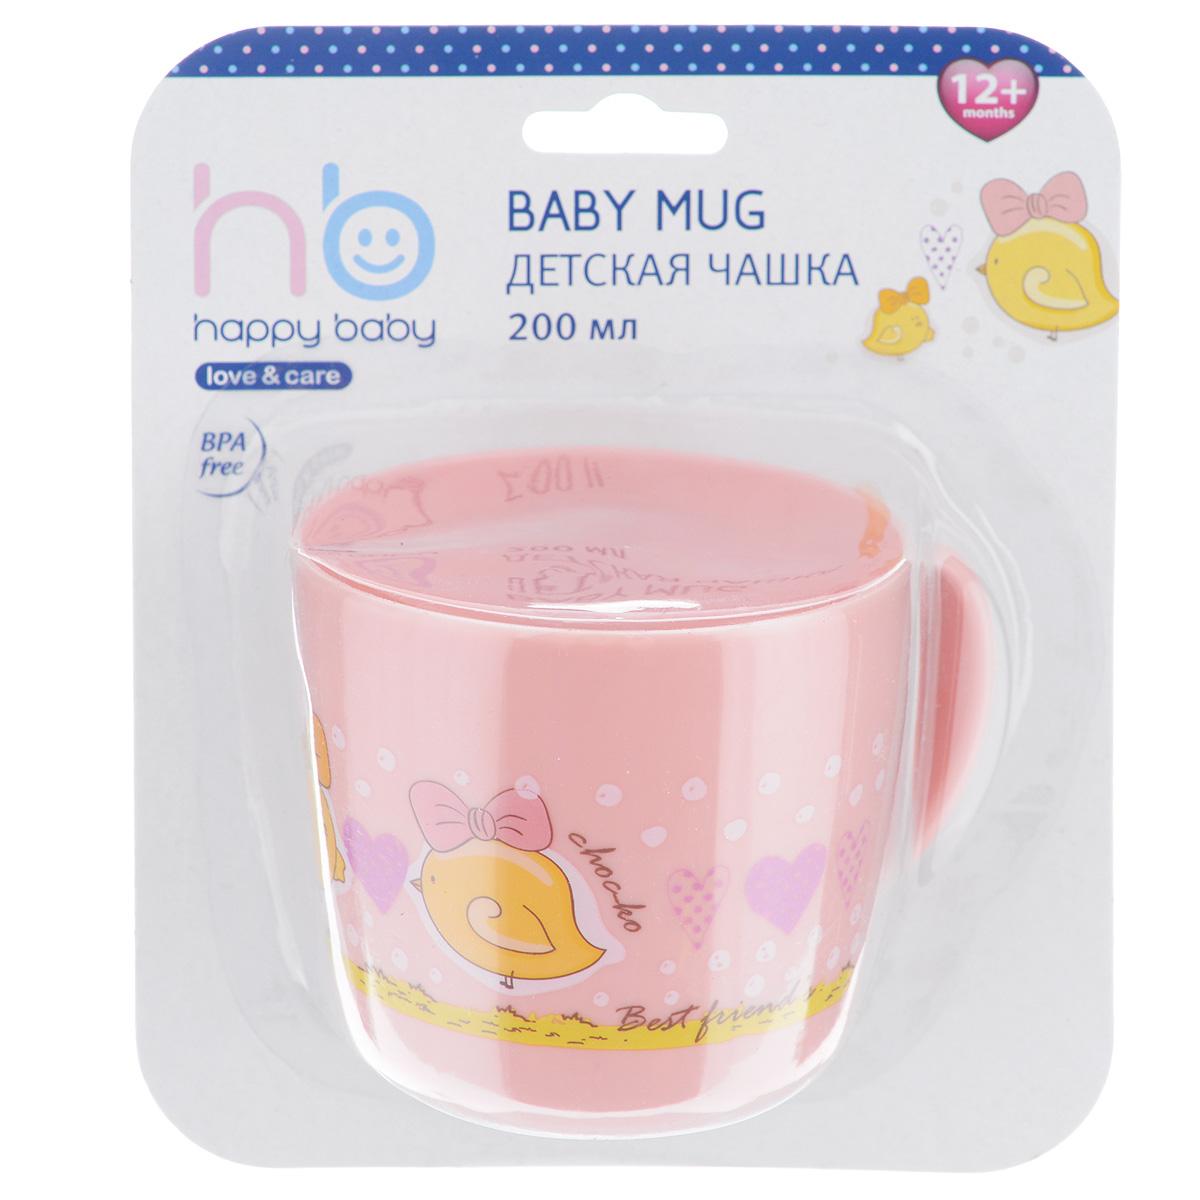 Детская чашка Happy Baby, цвет: розовый. 1500615006розовыйДетская чашка Happy Baby предназначена для того, чтобы приучить малыша пить из посуды для взрослых. Чашка выглядит совсем как обычная, однако она меньше по объему и изготовлена из безопасного пластика. Нельзя разбить, случайно уронив. Изготовлена из безопасных материалов. Объем: 200 мл. Диаметр по верхнему краю: 8 см. Высота: 7,5 см.